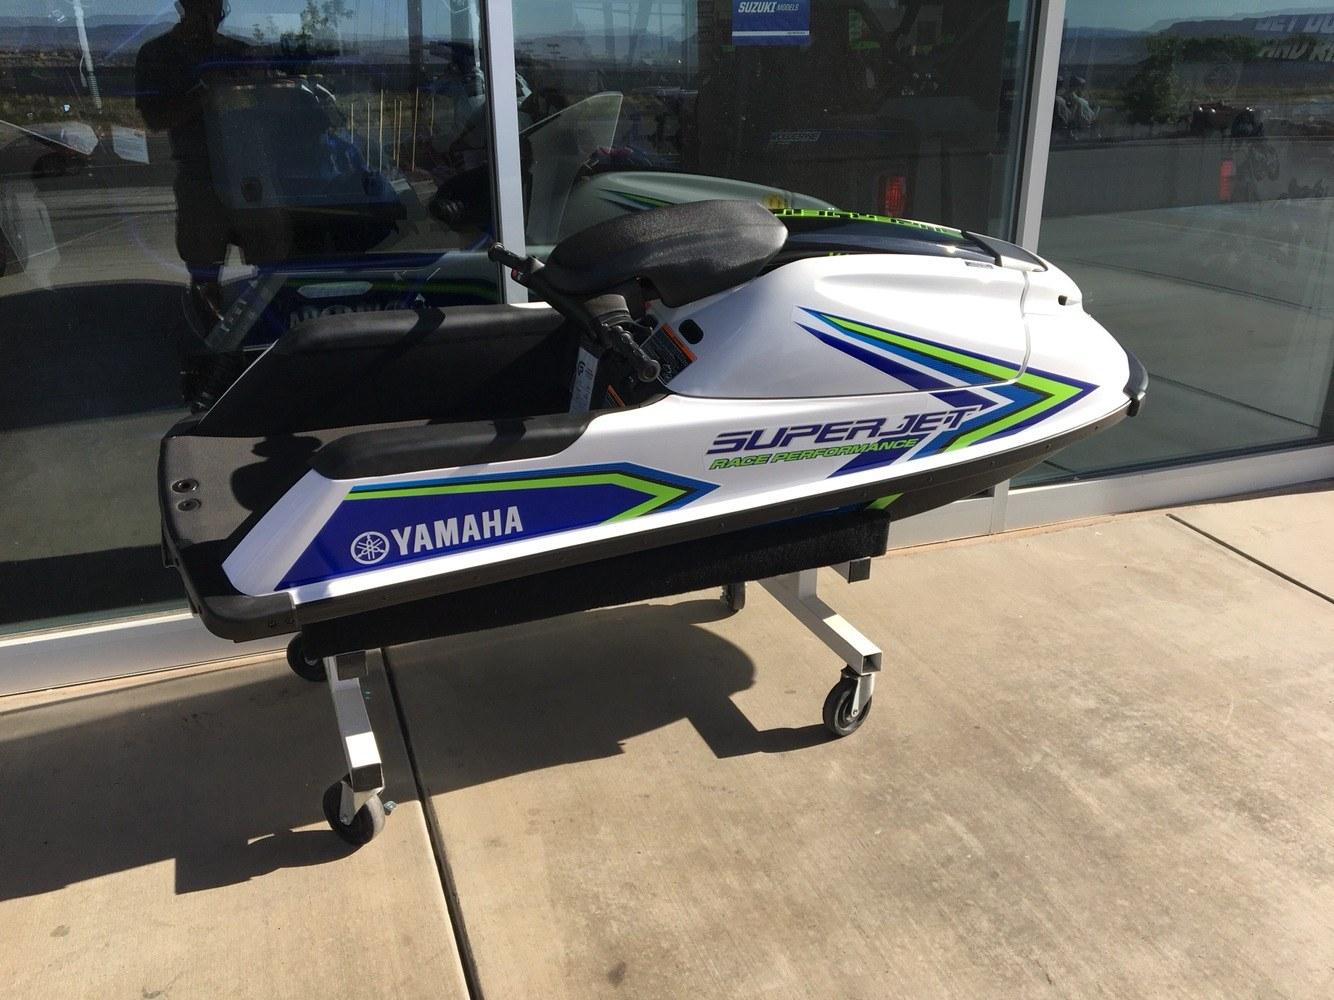 2019 Yamaha SuperJet For Sale Saint George, UT : 55596